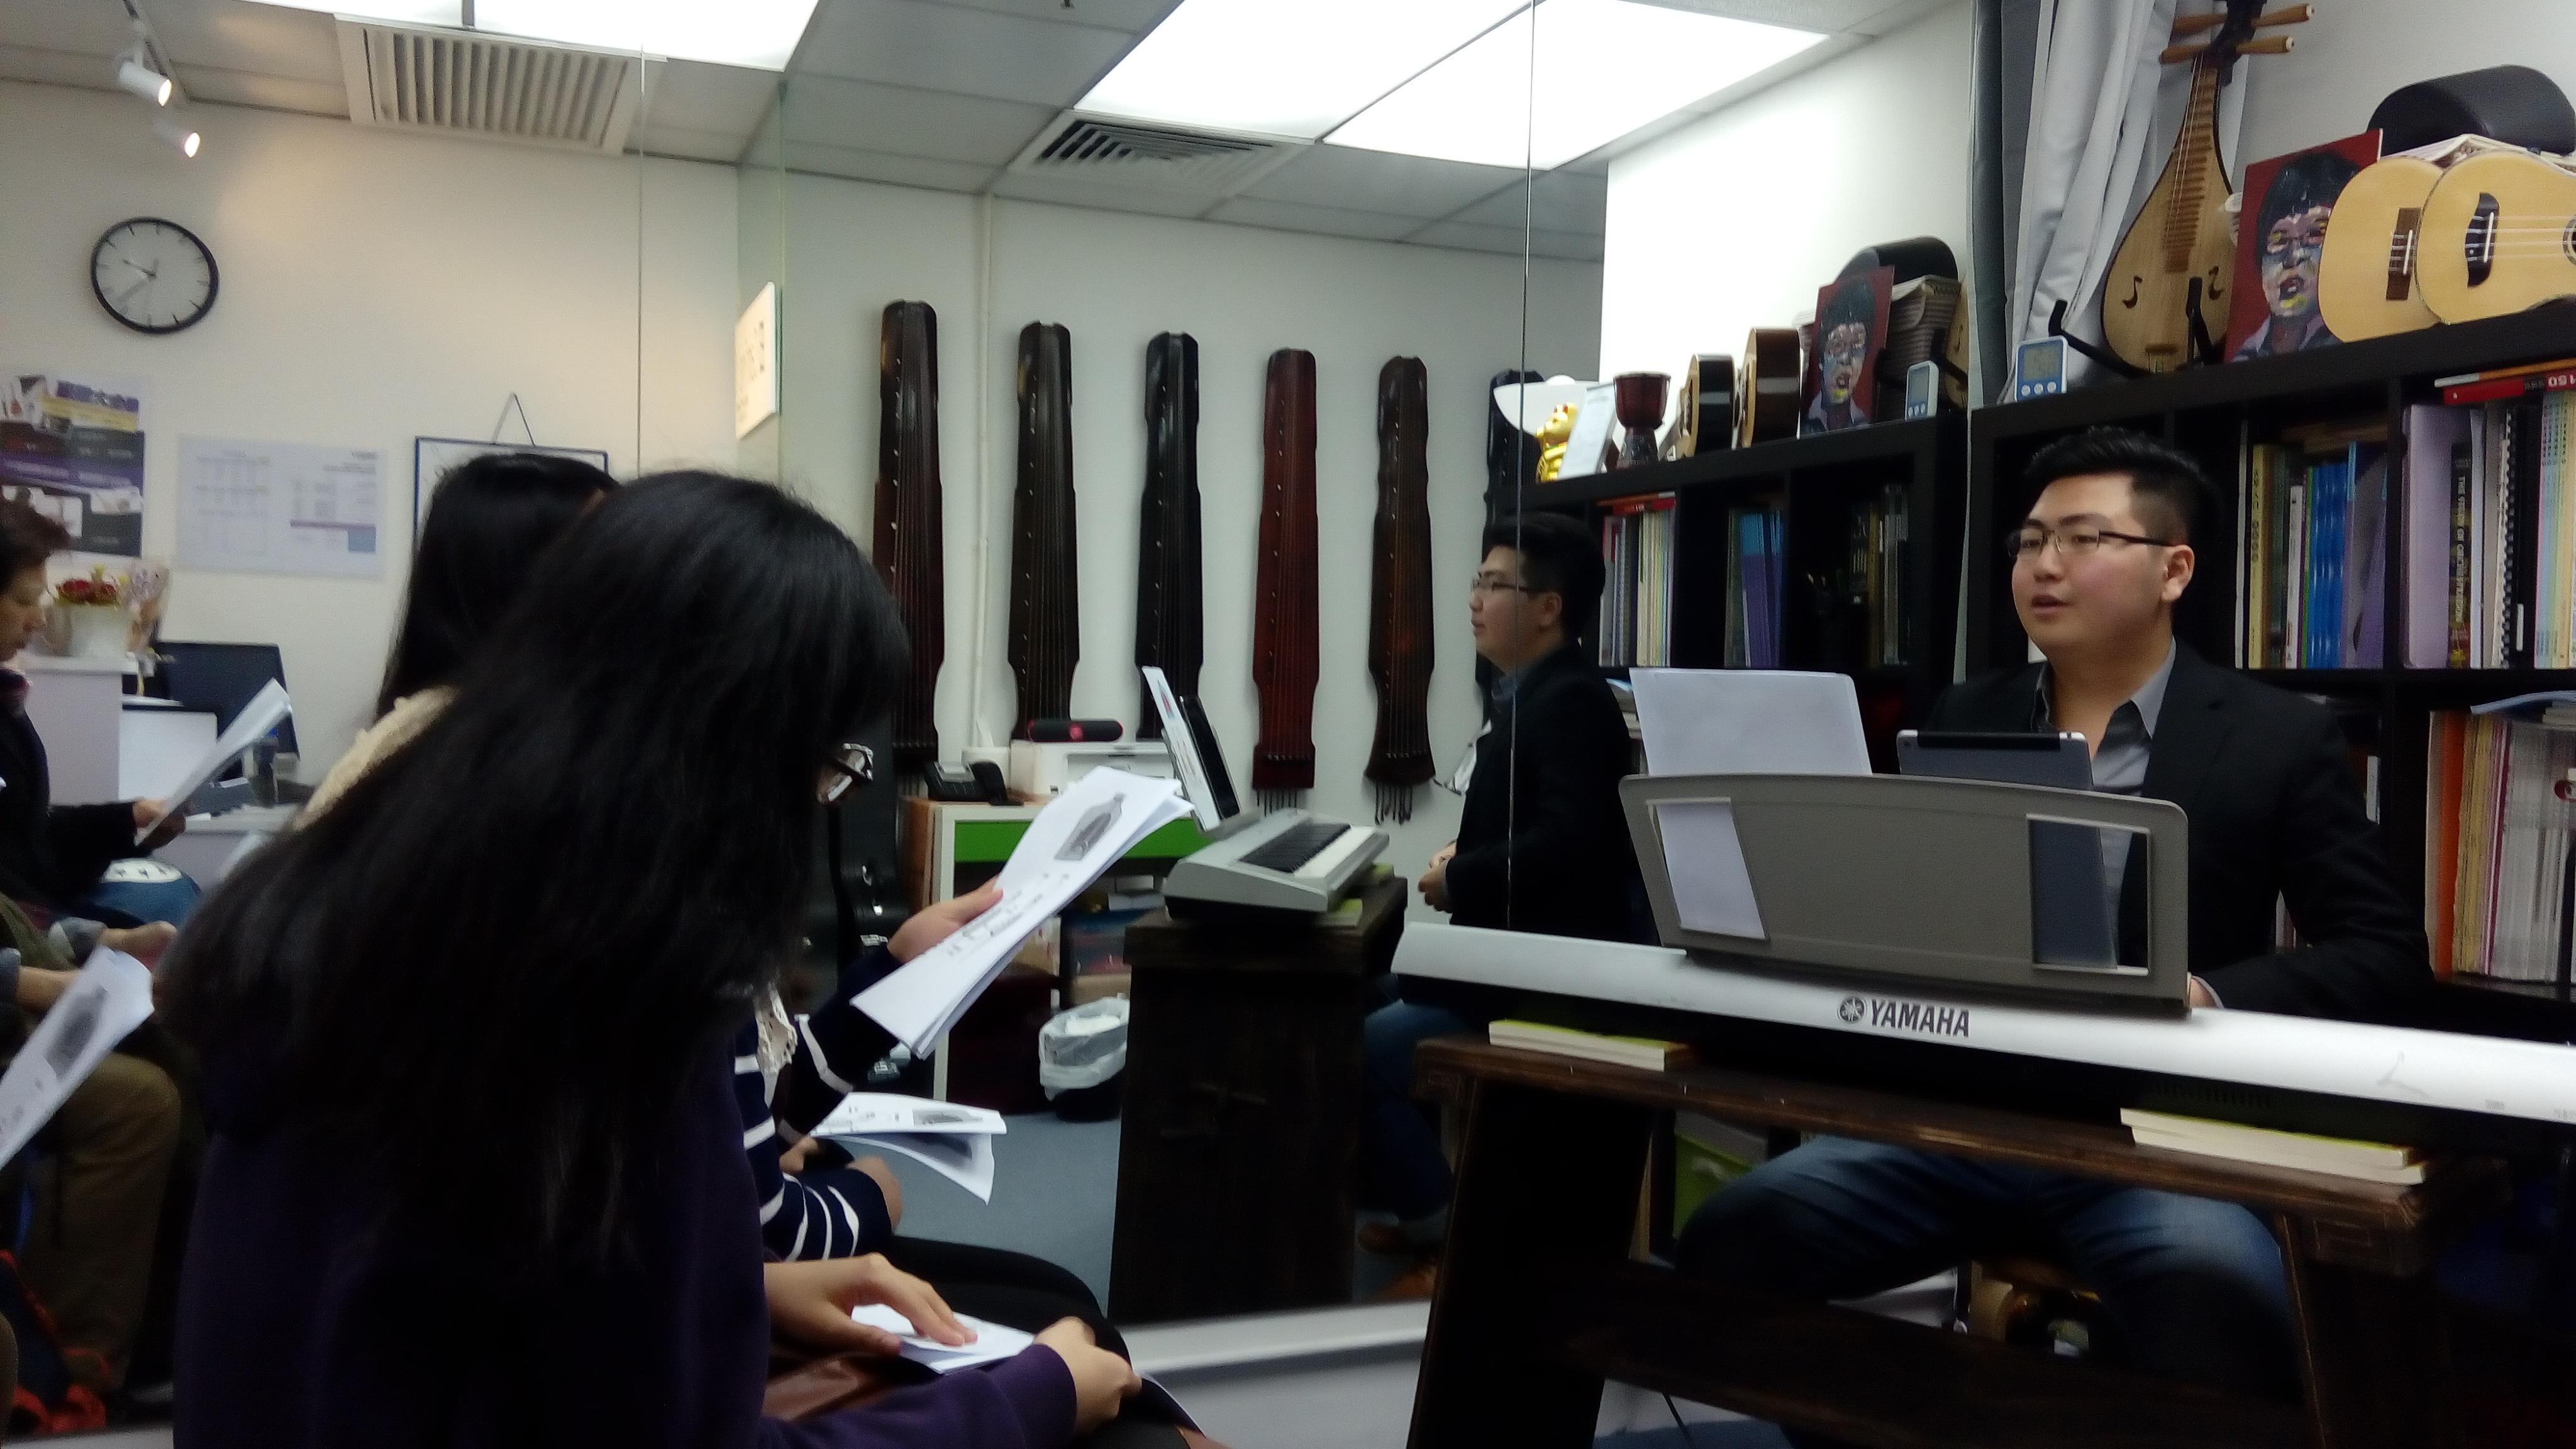 聲樂工作坊主講嘉賓Wesley Lam